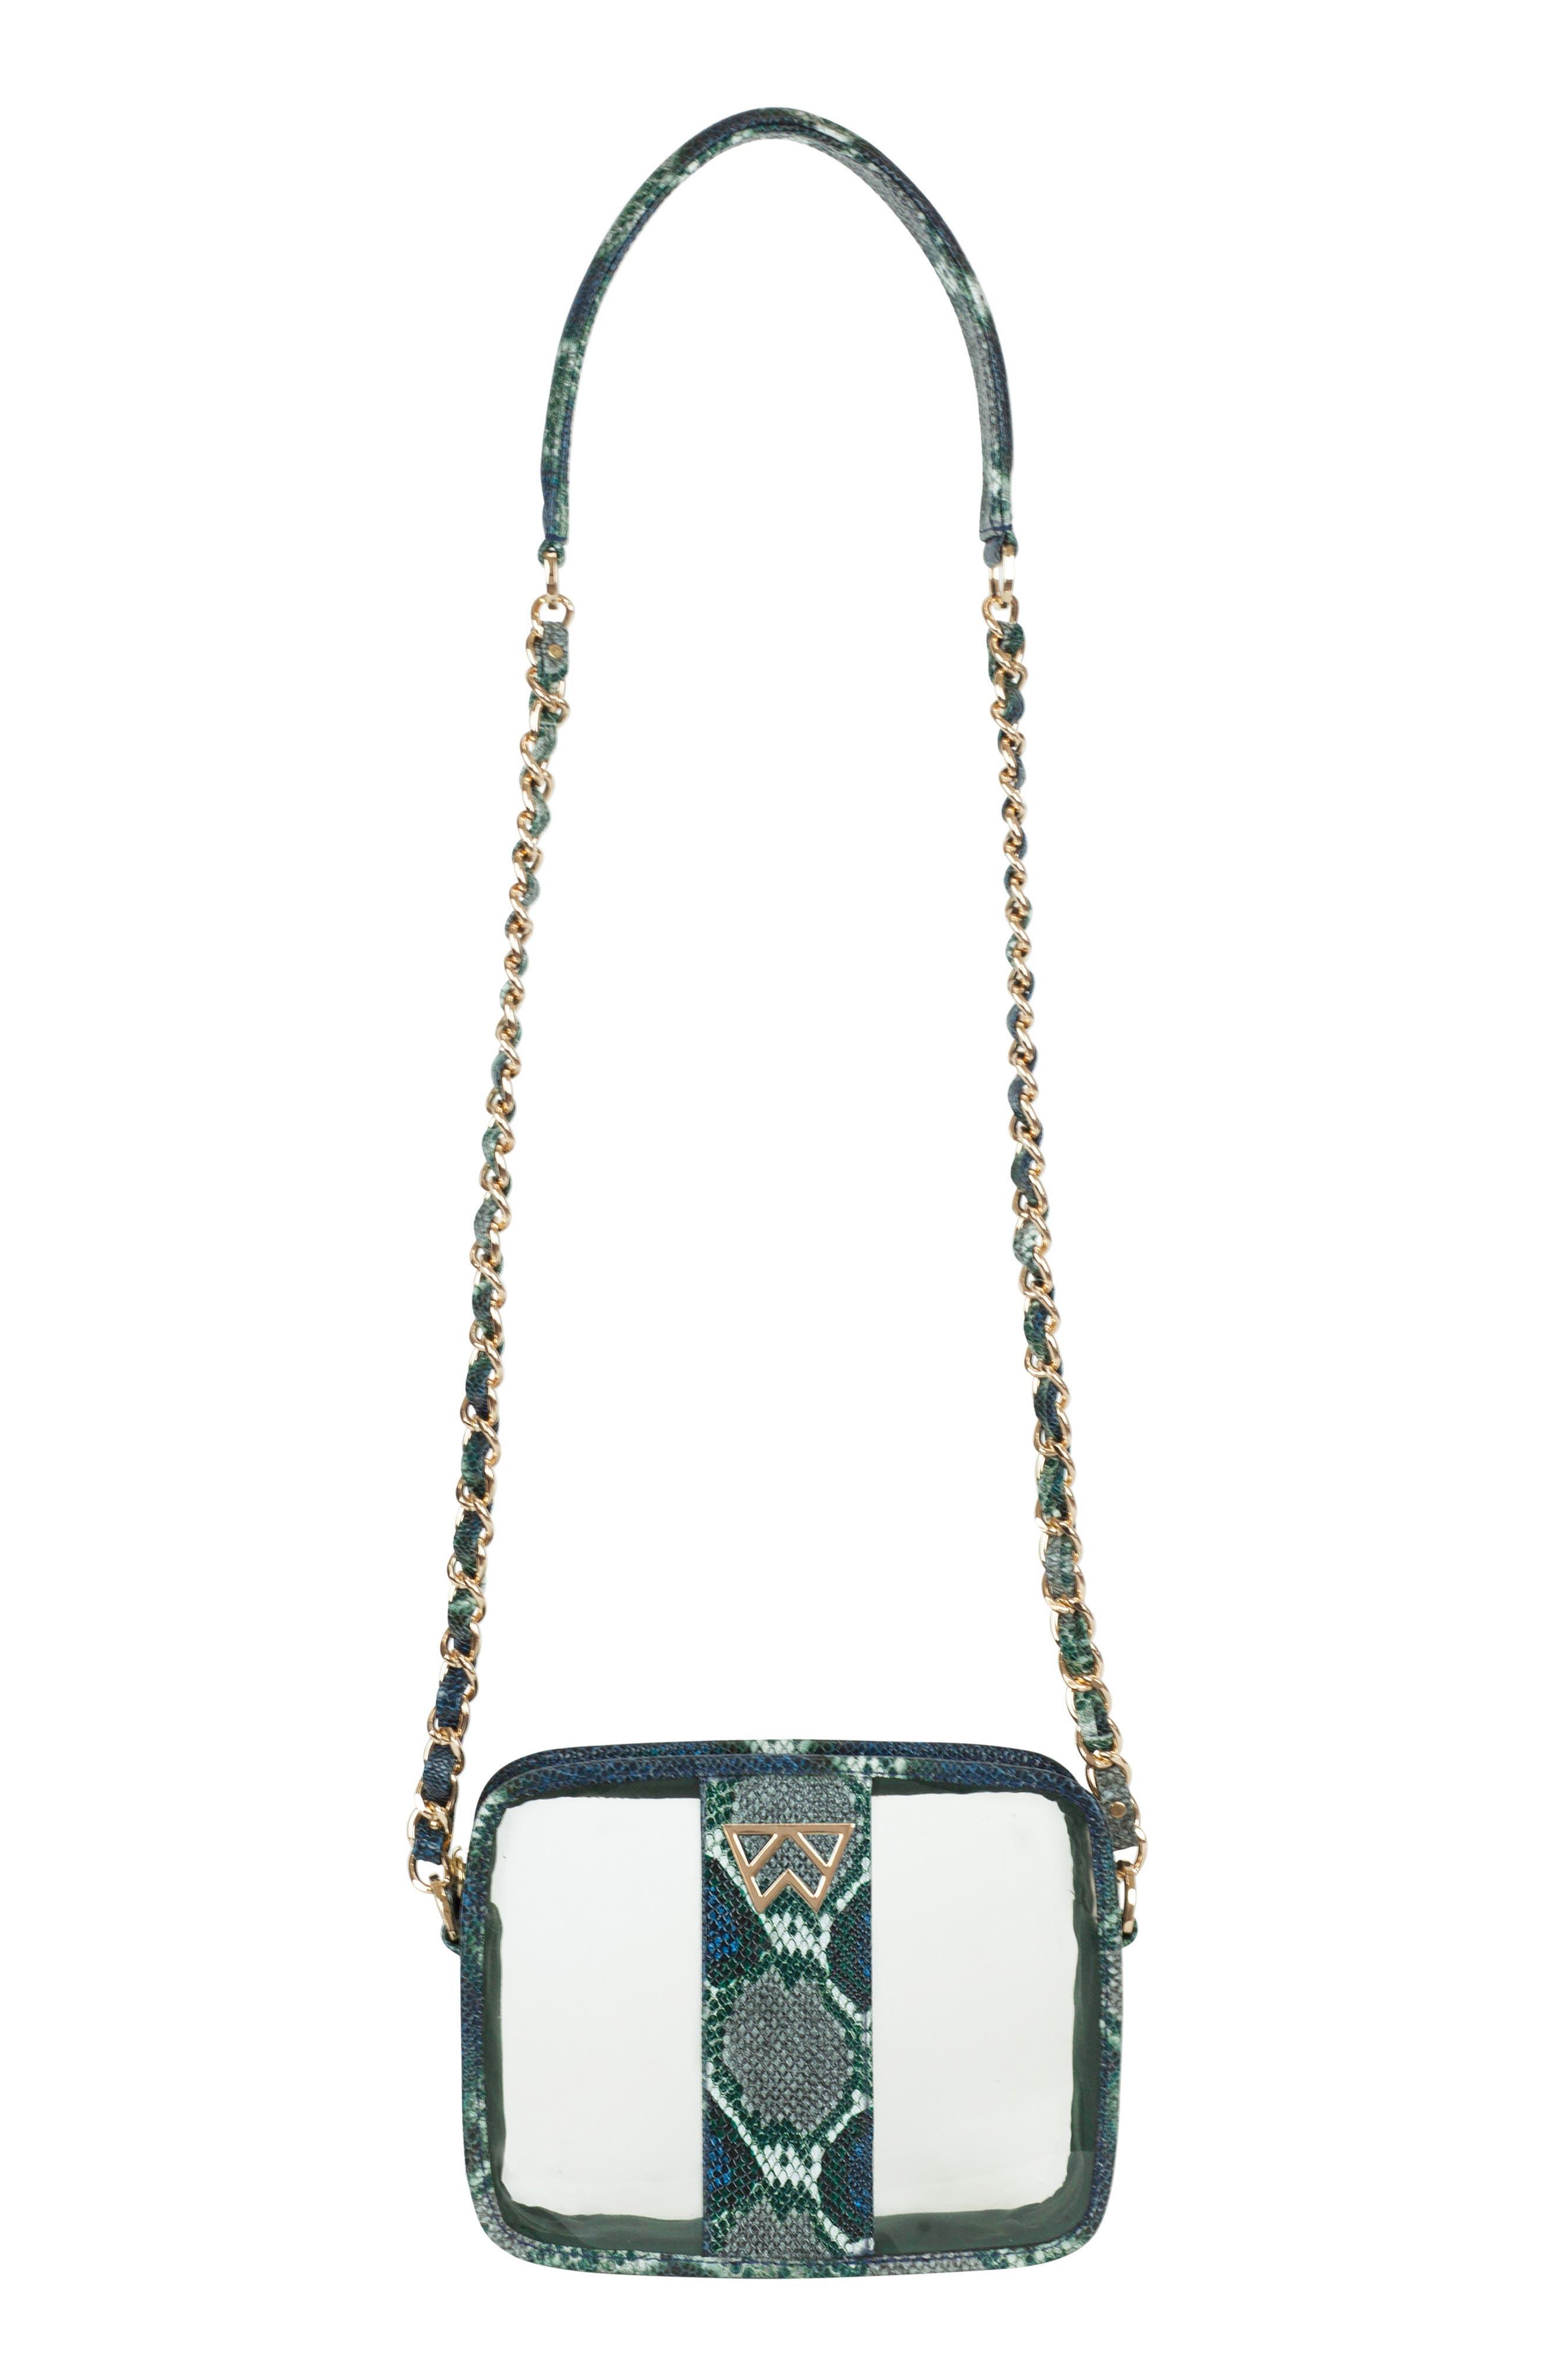 Clear Mingle Mingle Mini Crossbody Bag,                             Main thumbnail 1, color,                             GREEN MULTI PYTHON